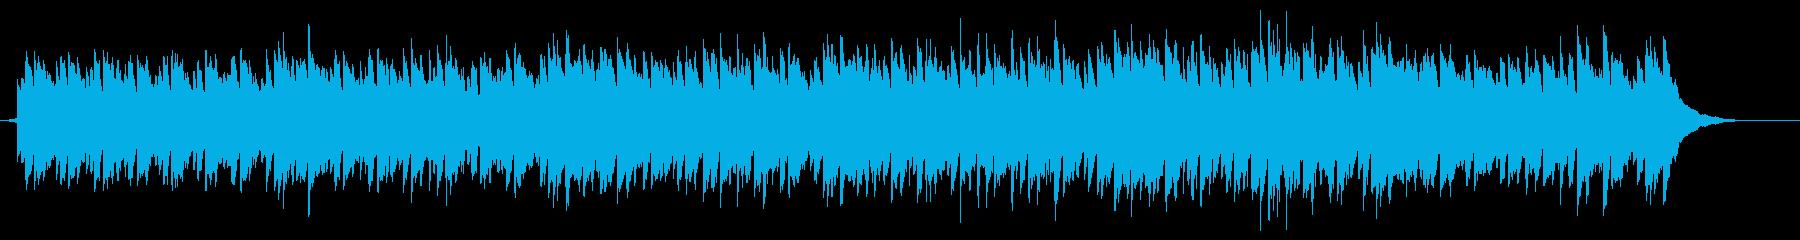 ポップ テクノ アンビエント 実験...の再生済みの波形